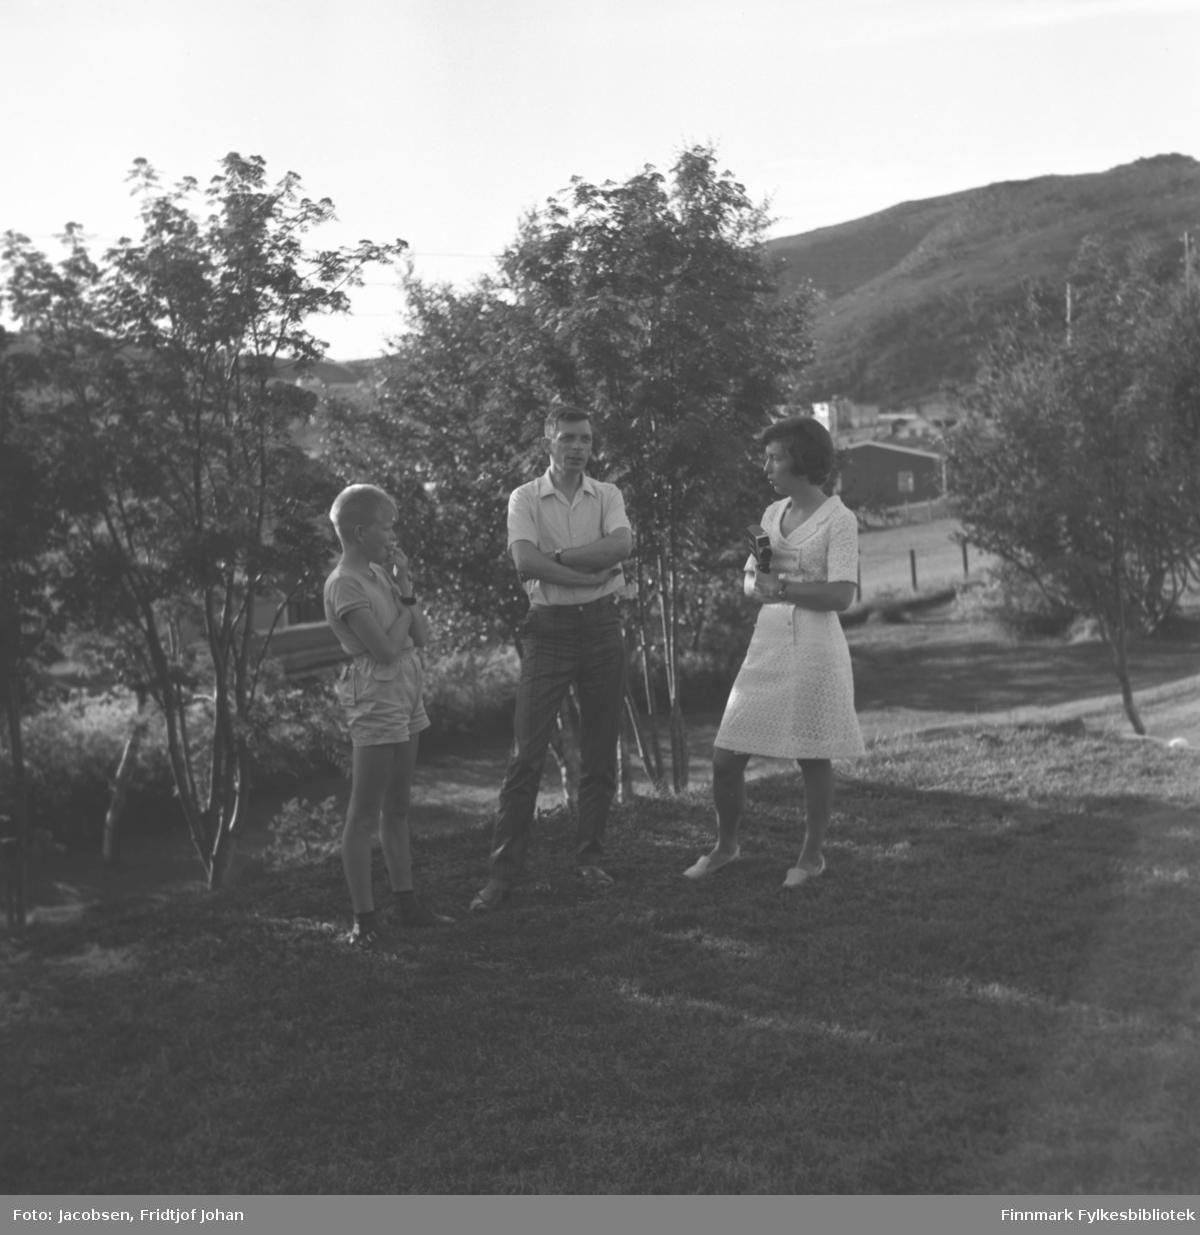 Tre personer står i hagen til Arne Nakken i Rypefjord. De er fra venstre: Sigmund Nakken, Øystein Nakken og Synnøve Nakken. Øystein er far til Sigmund og onkel til Synnøve.